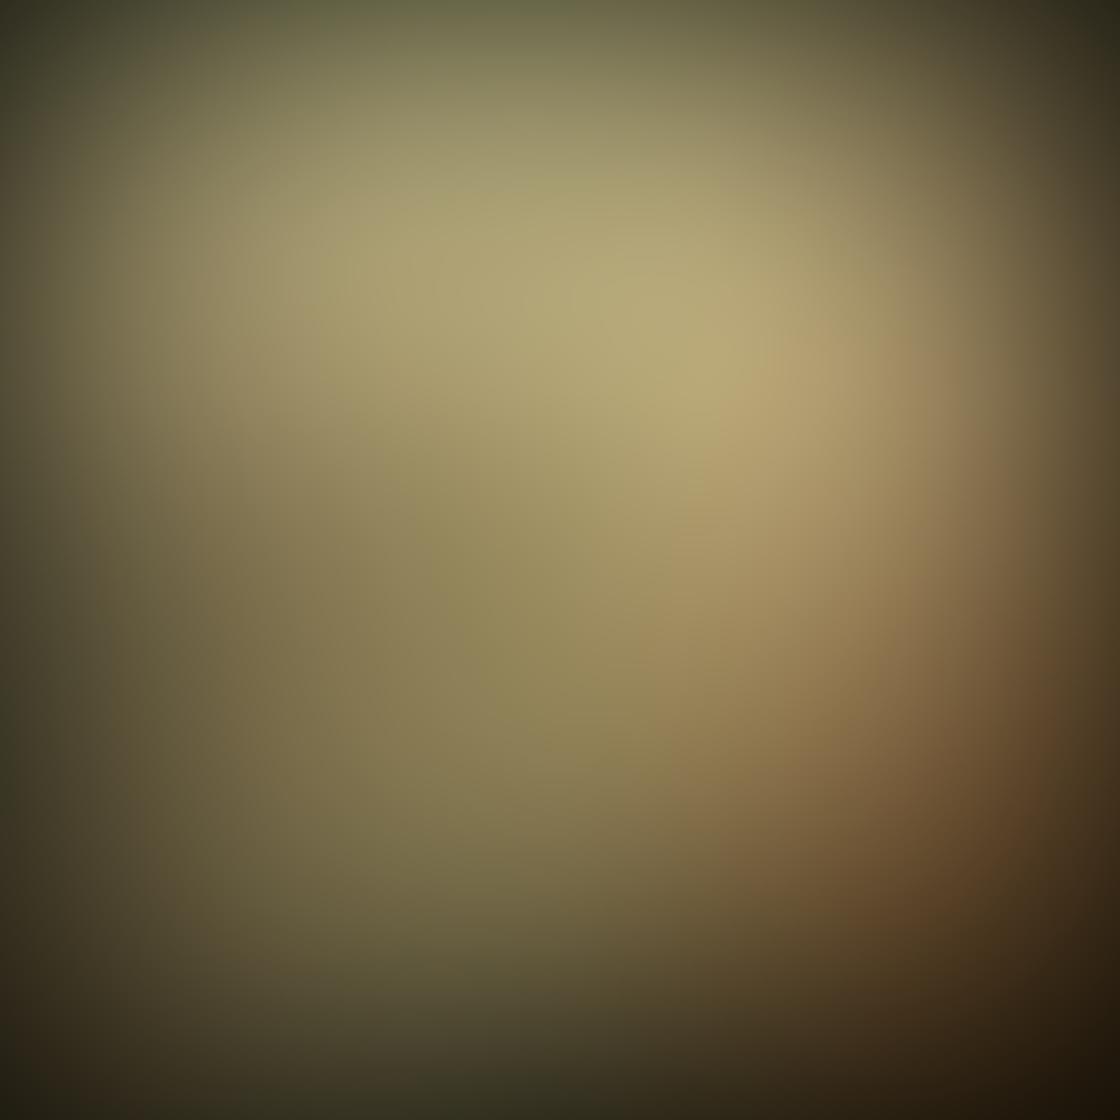 iPhone photo 07